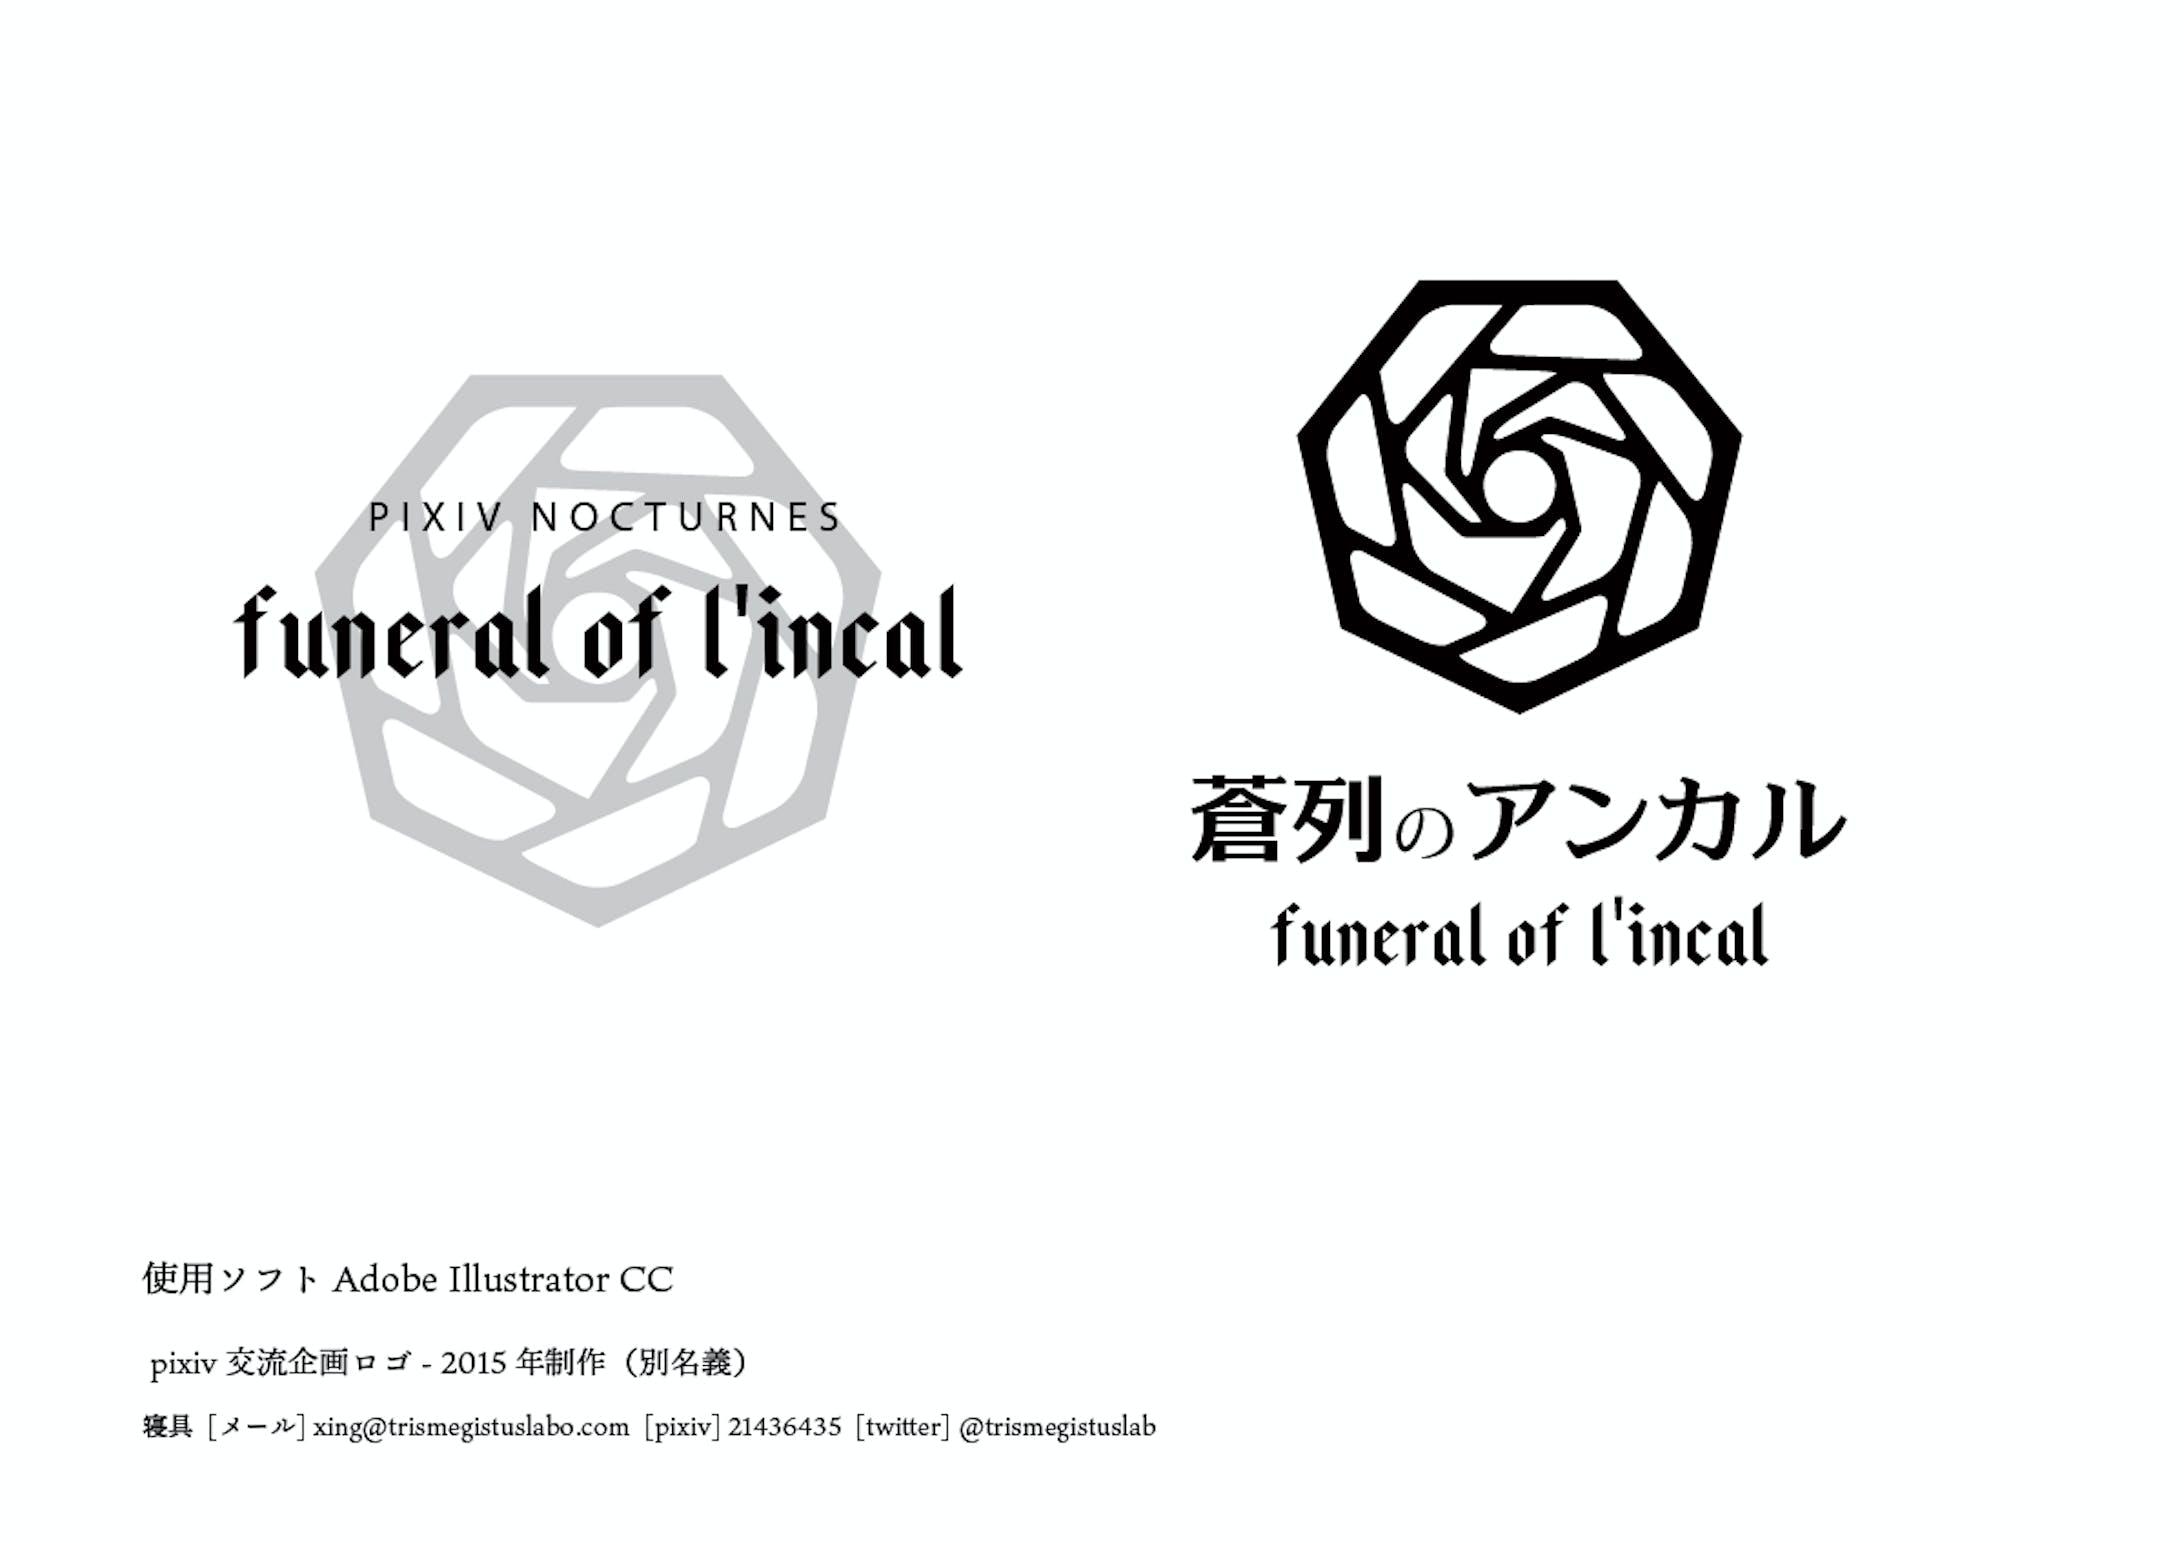 アールデコ風ロゴ-2